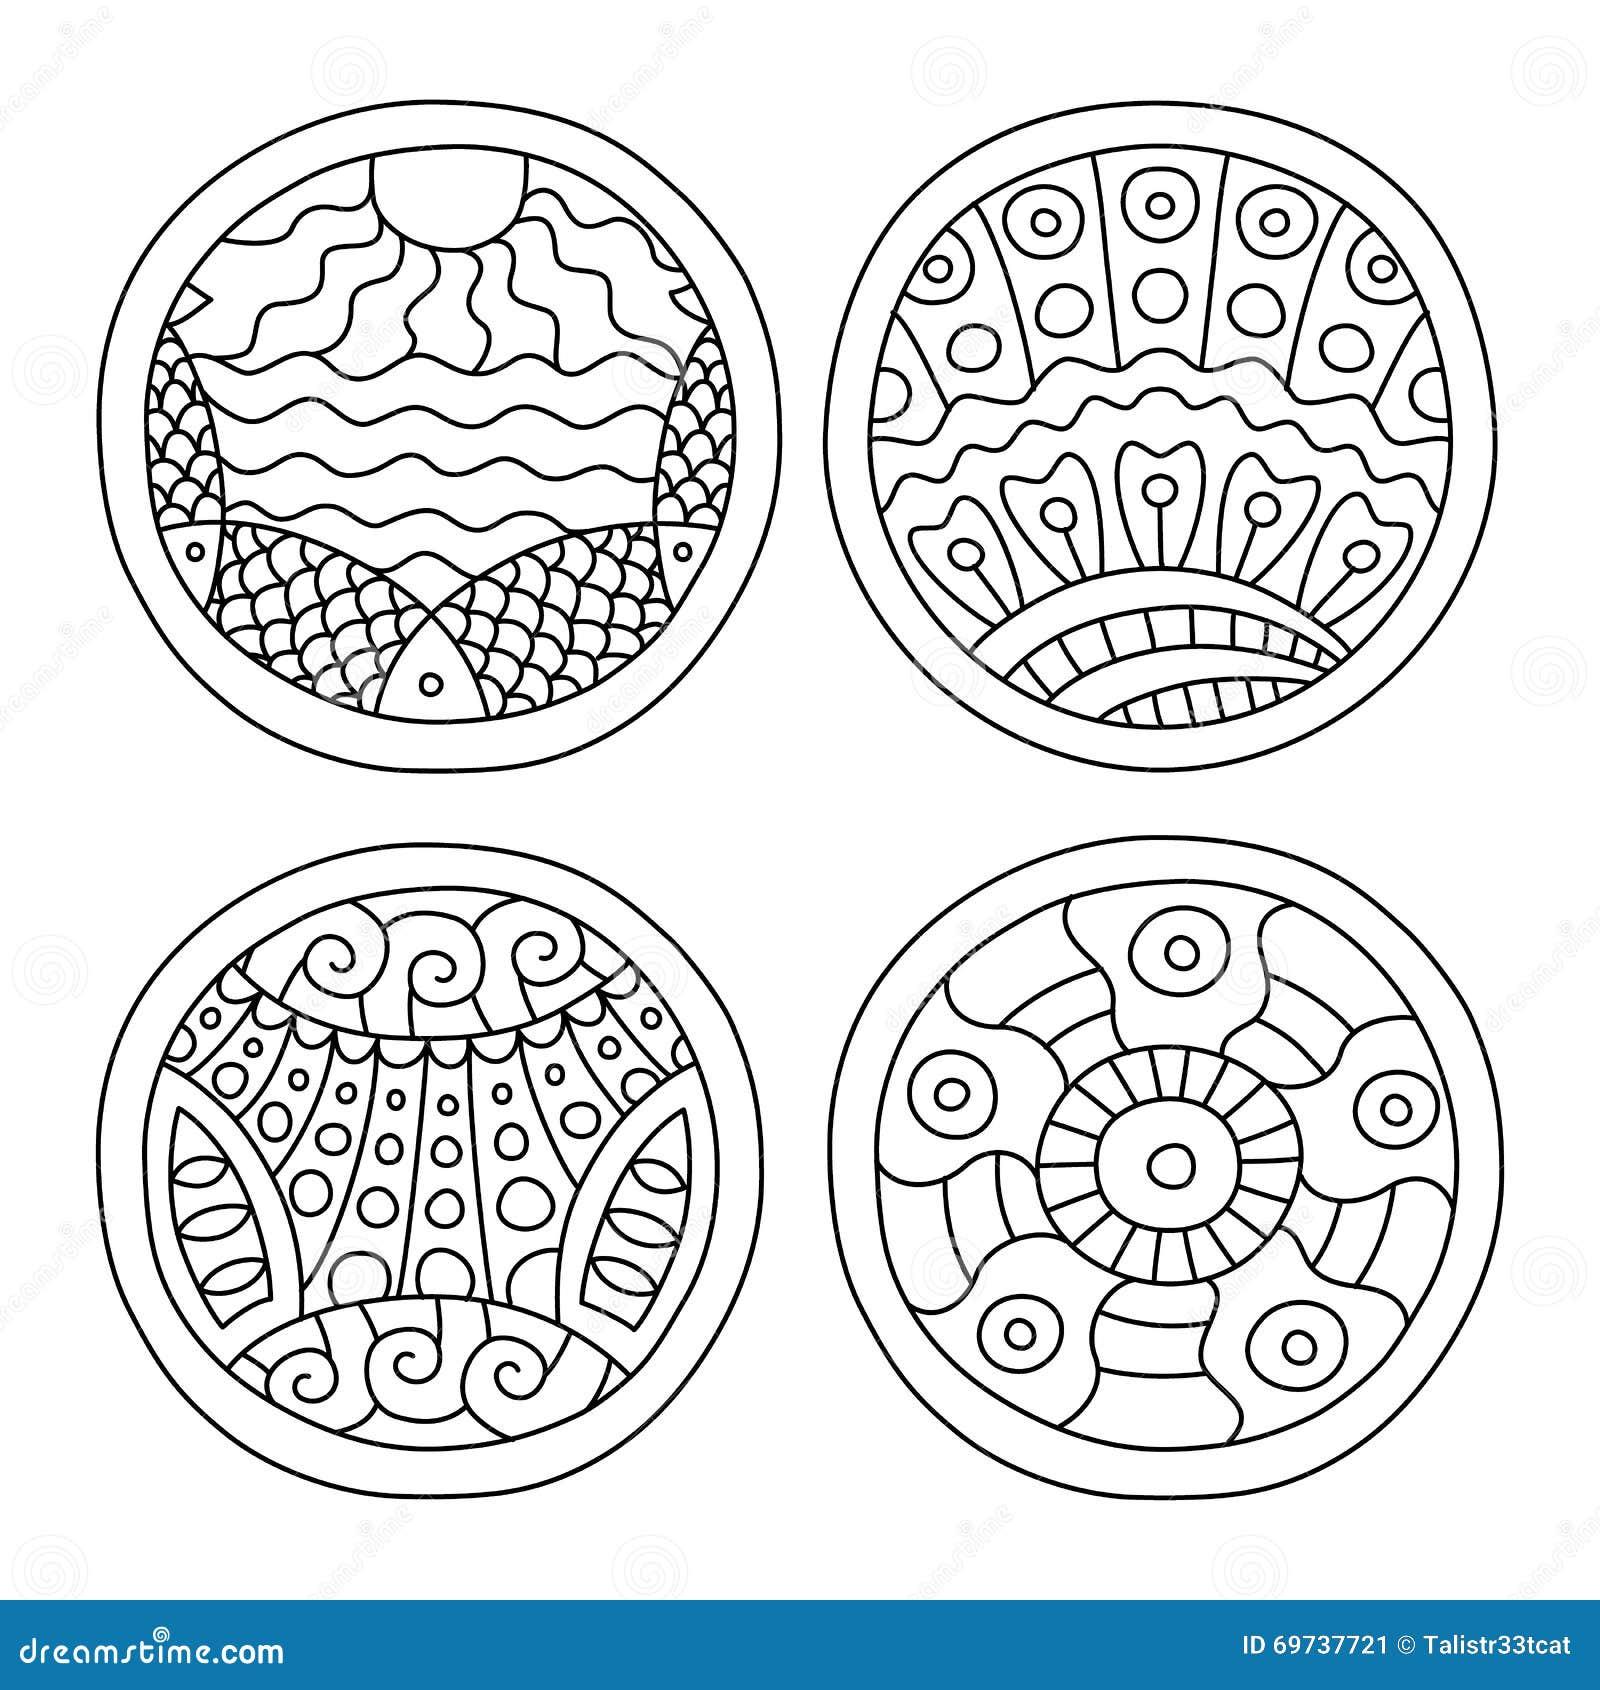 Doodles filled circles set.